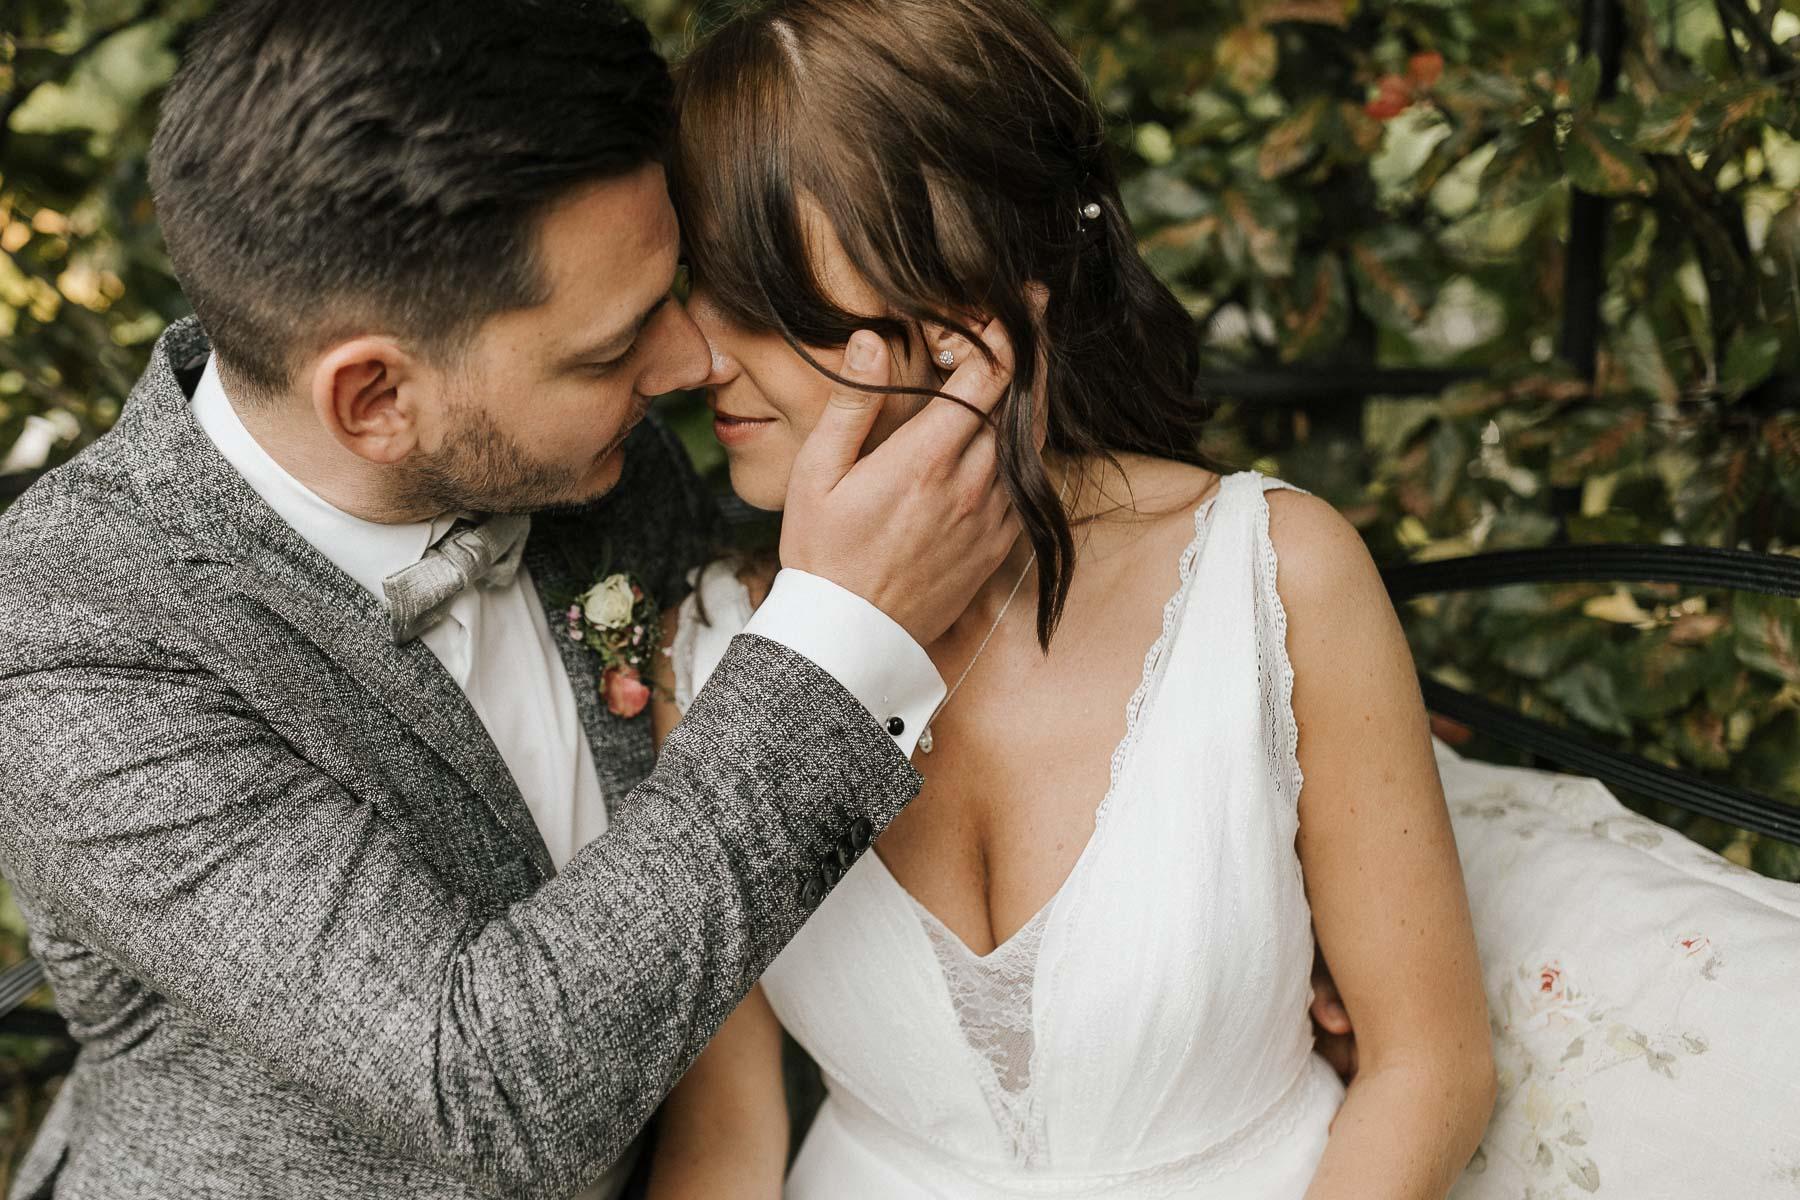 Ein schönes Brautkleid und ein schöner Herrenanzug bei der Hochzeit am Bodensee, die ich als Hochzeitsfotograf im Hotel Villino am Bodensee begleiten durfte